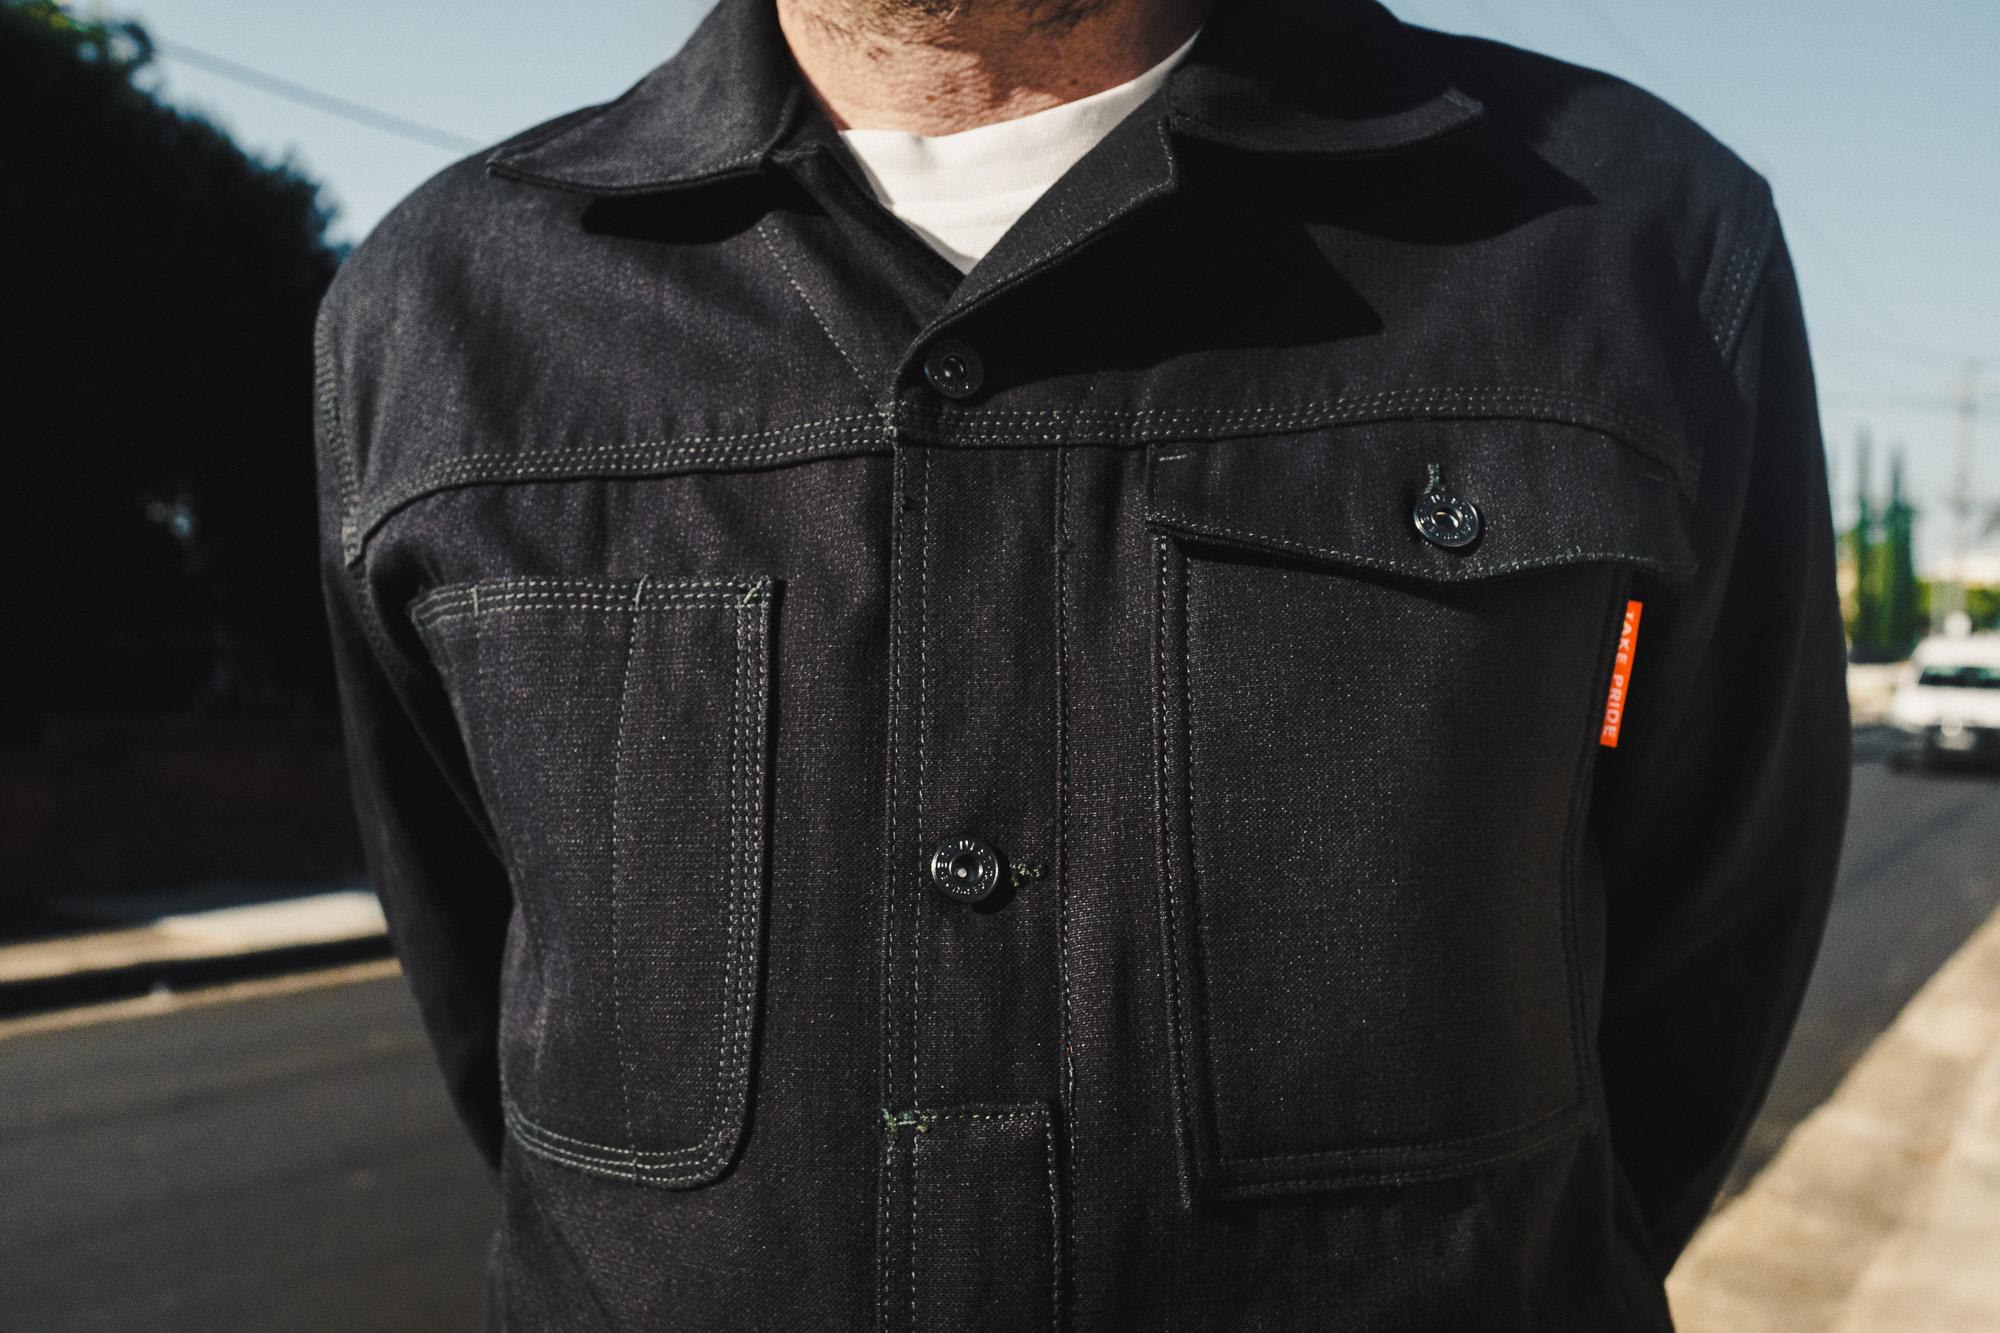 Earnest Co. 'Smiths' K-Canvas Moto Workwear Jacket detail